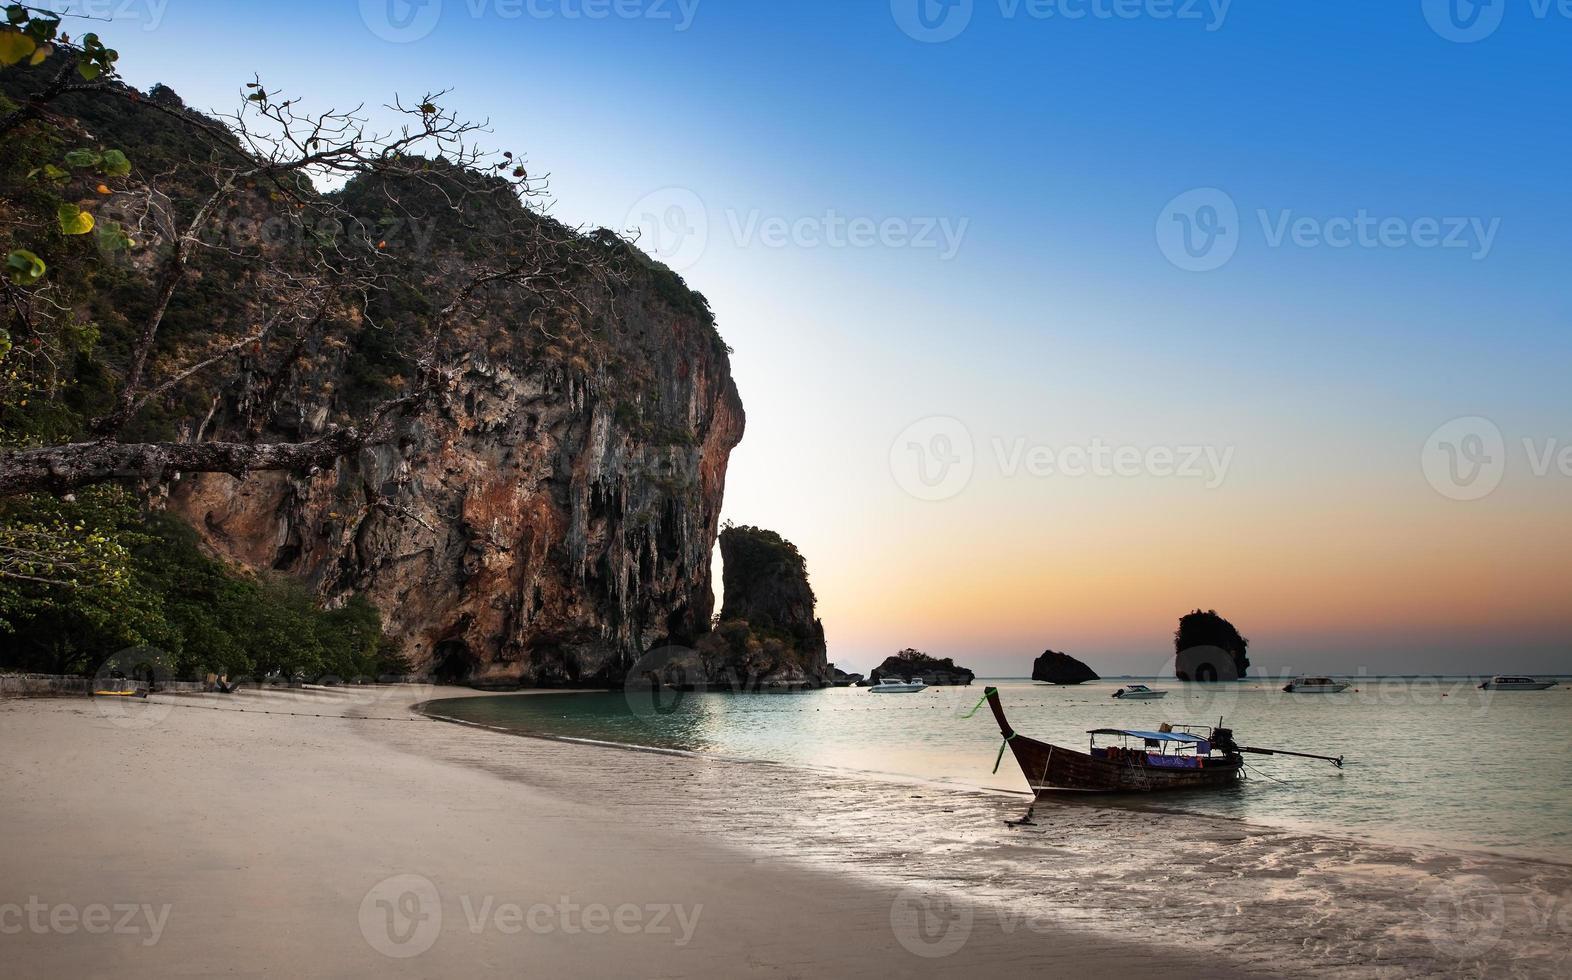 ao nang beach, railay, provincia di krabi, la migliore spiaggia in thailandia foto